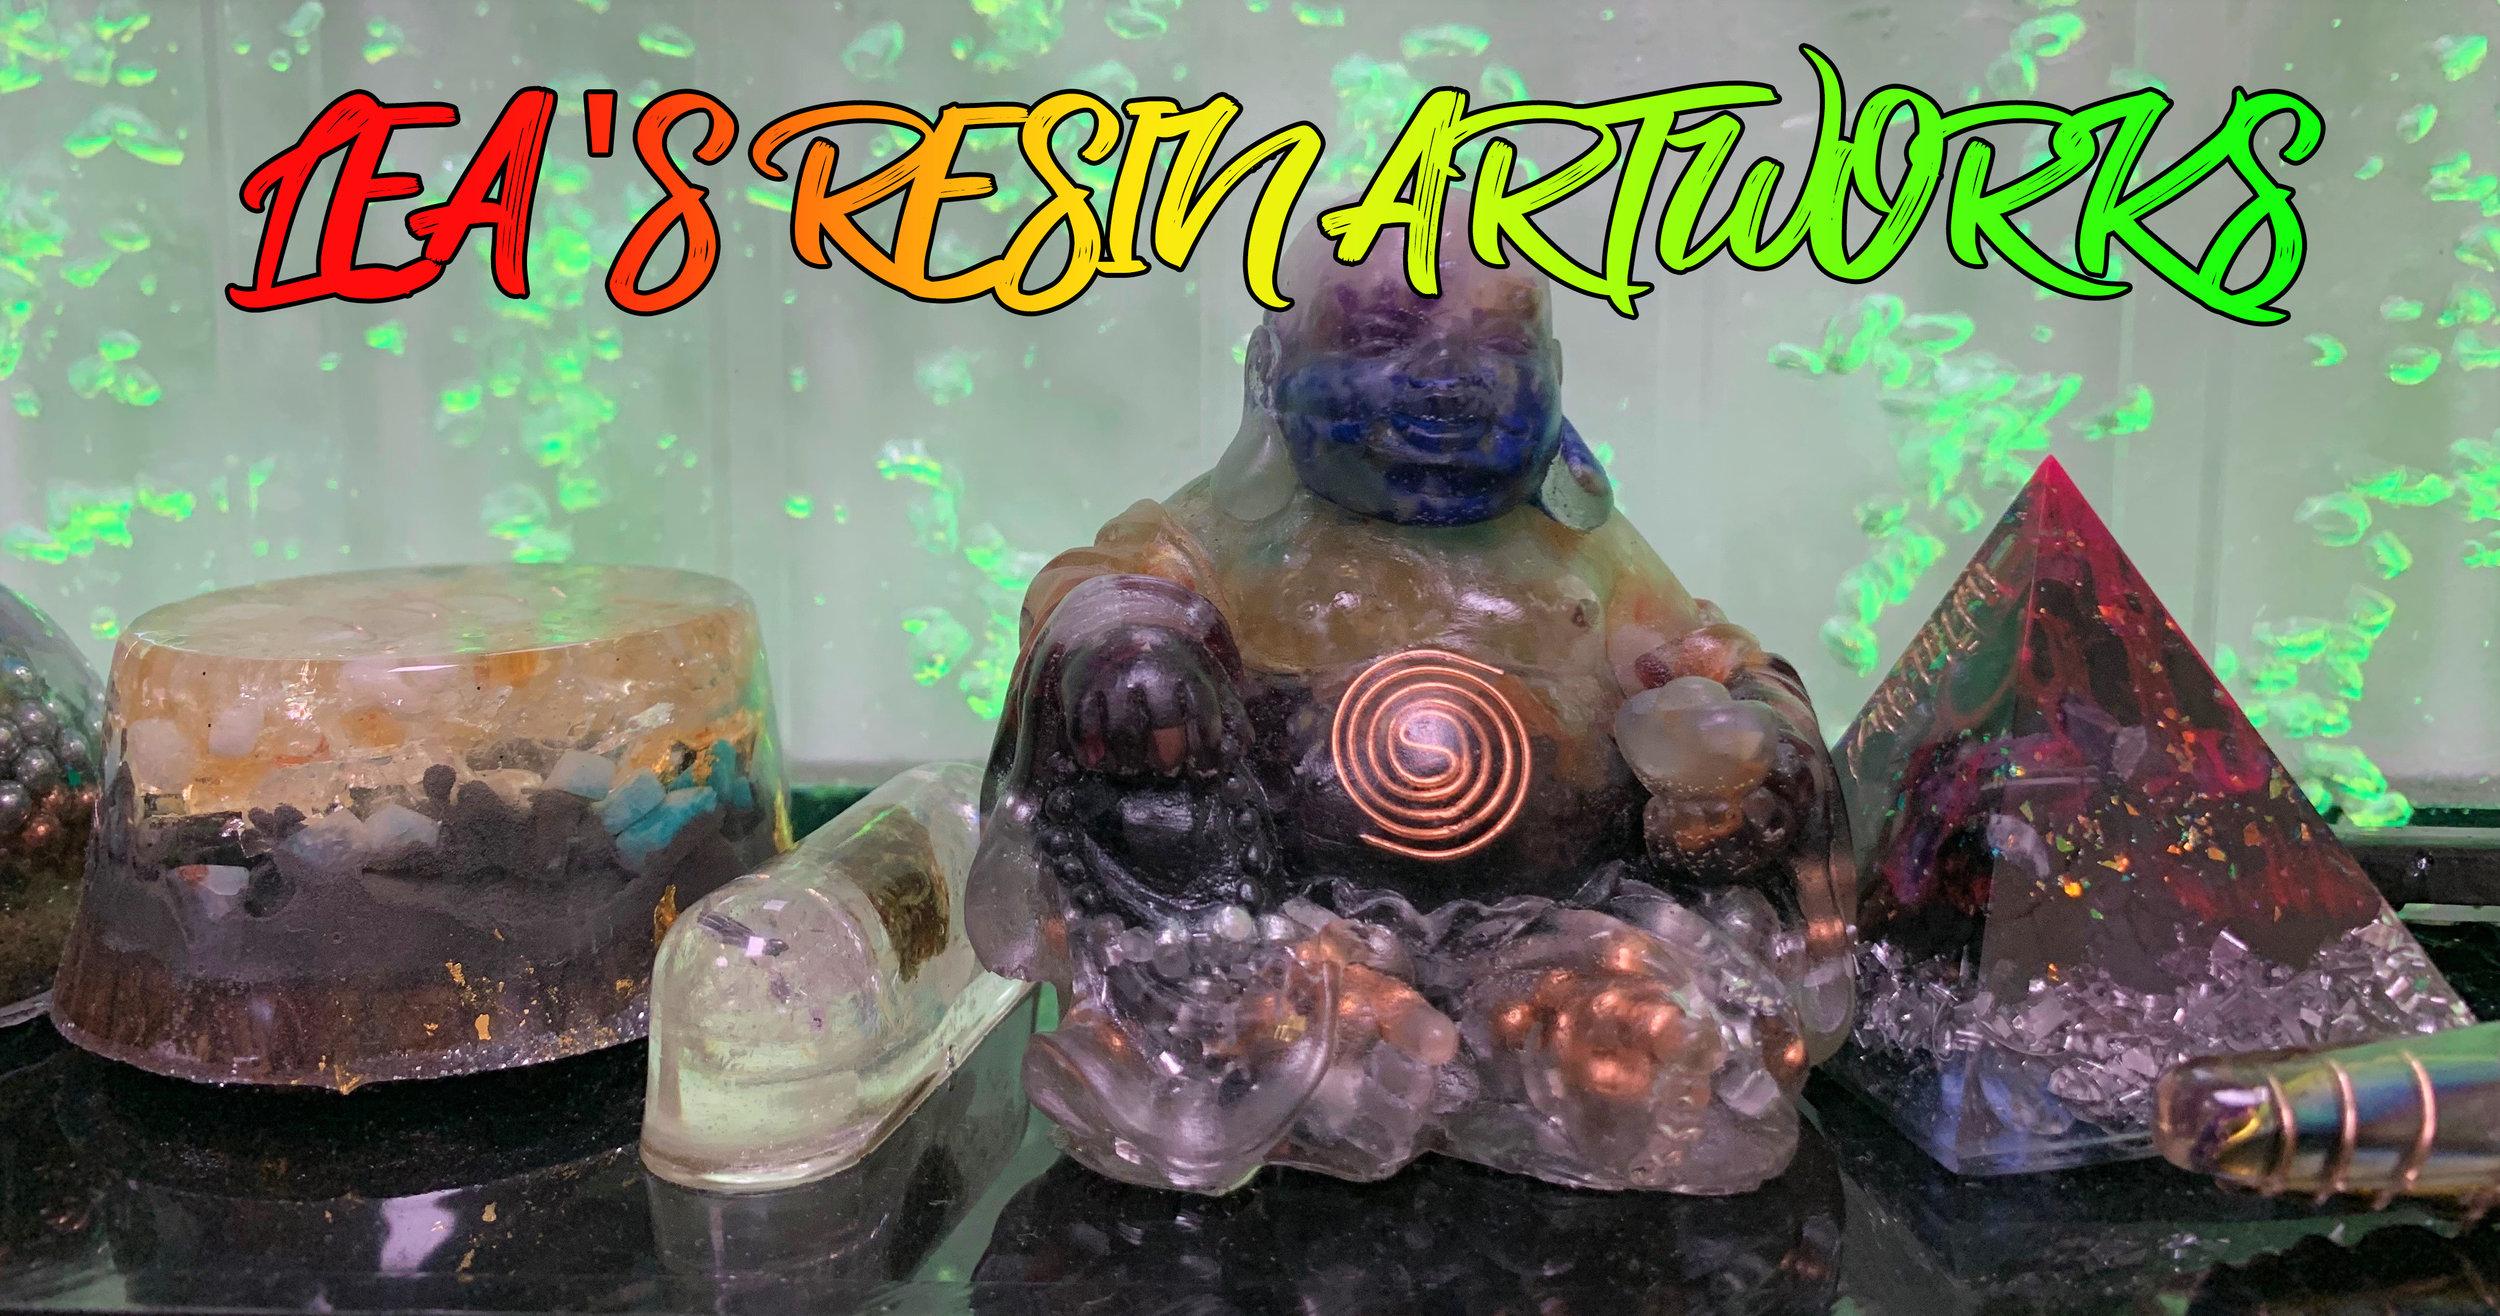 lea's resin artworks.jpg